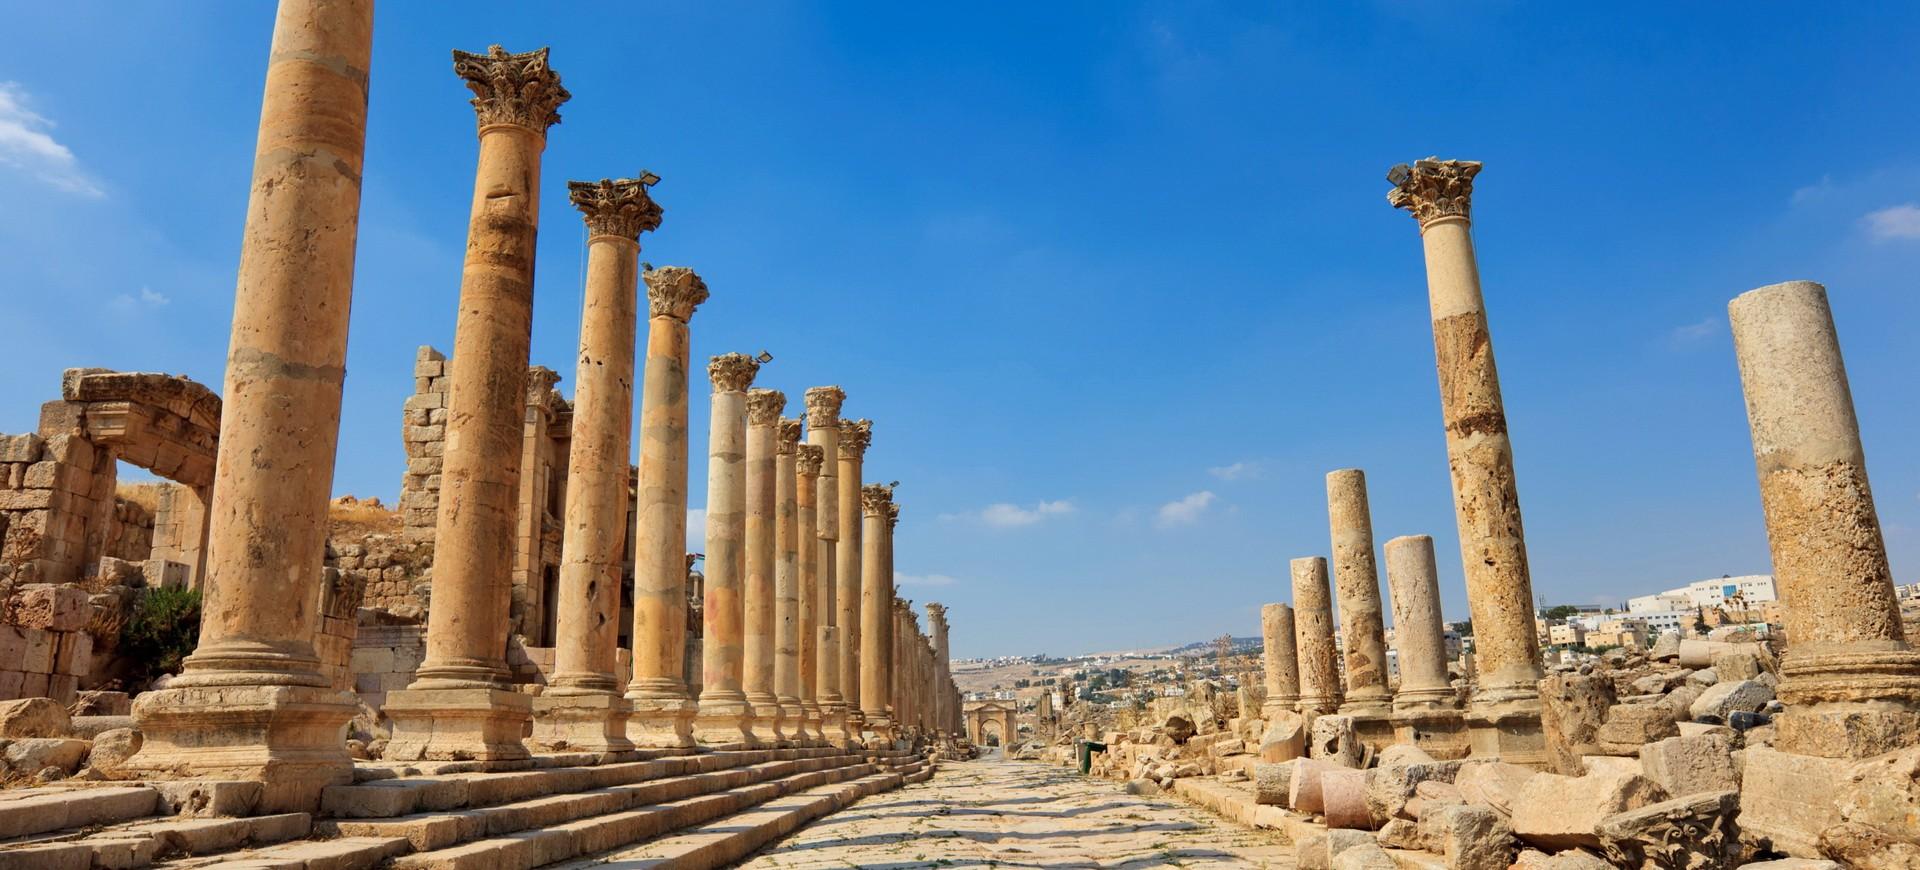 Rue des Colonnes dans le site antique de Jerash